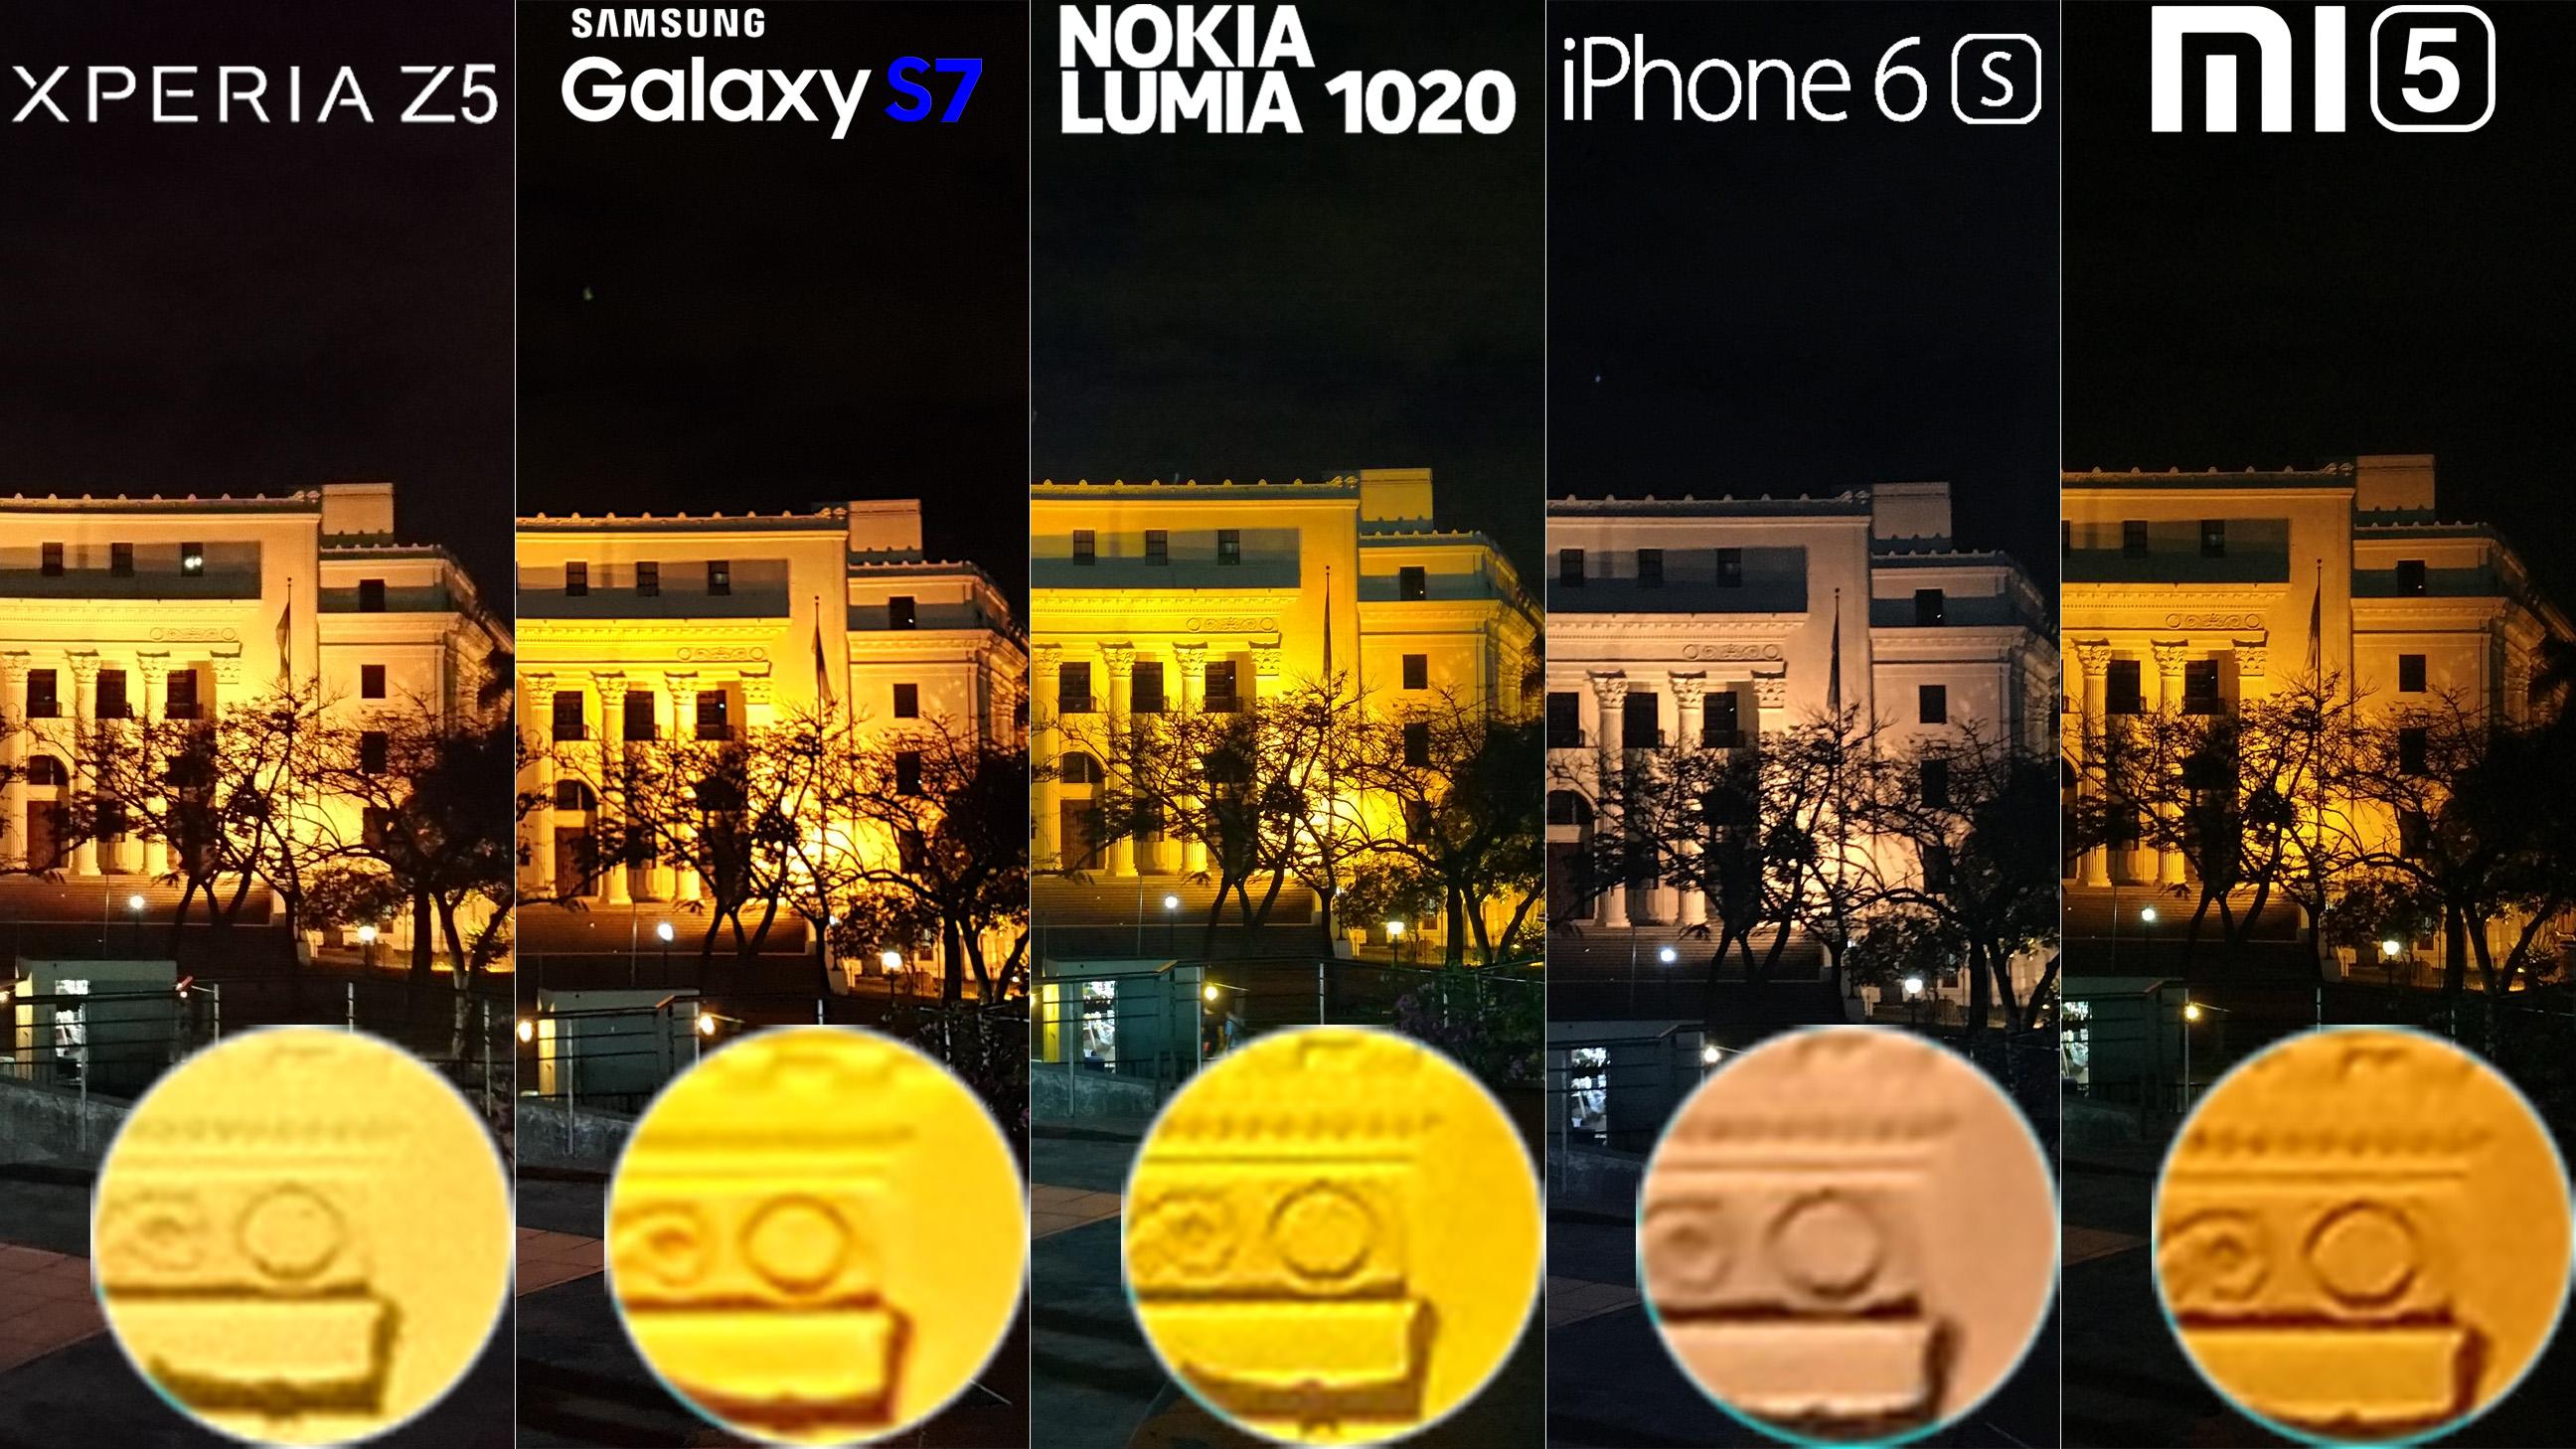 Galaxy S7 Xperia Z5 Lumia 1020 iphone 6s Xiaomi Mi 5 Camera Review Comaprison 10